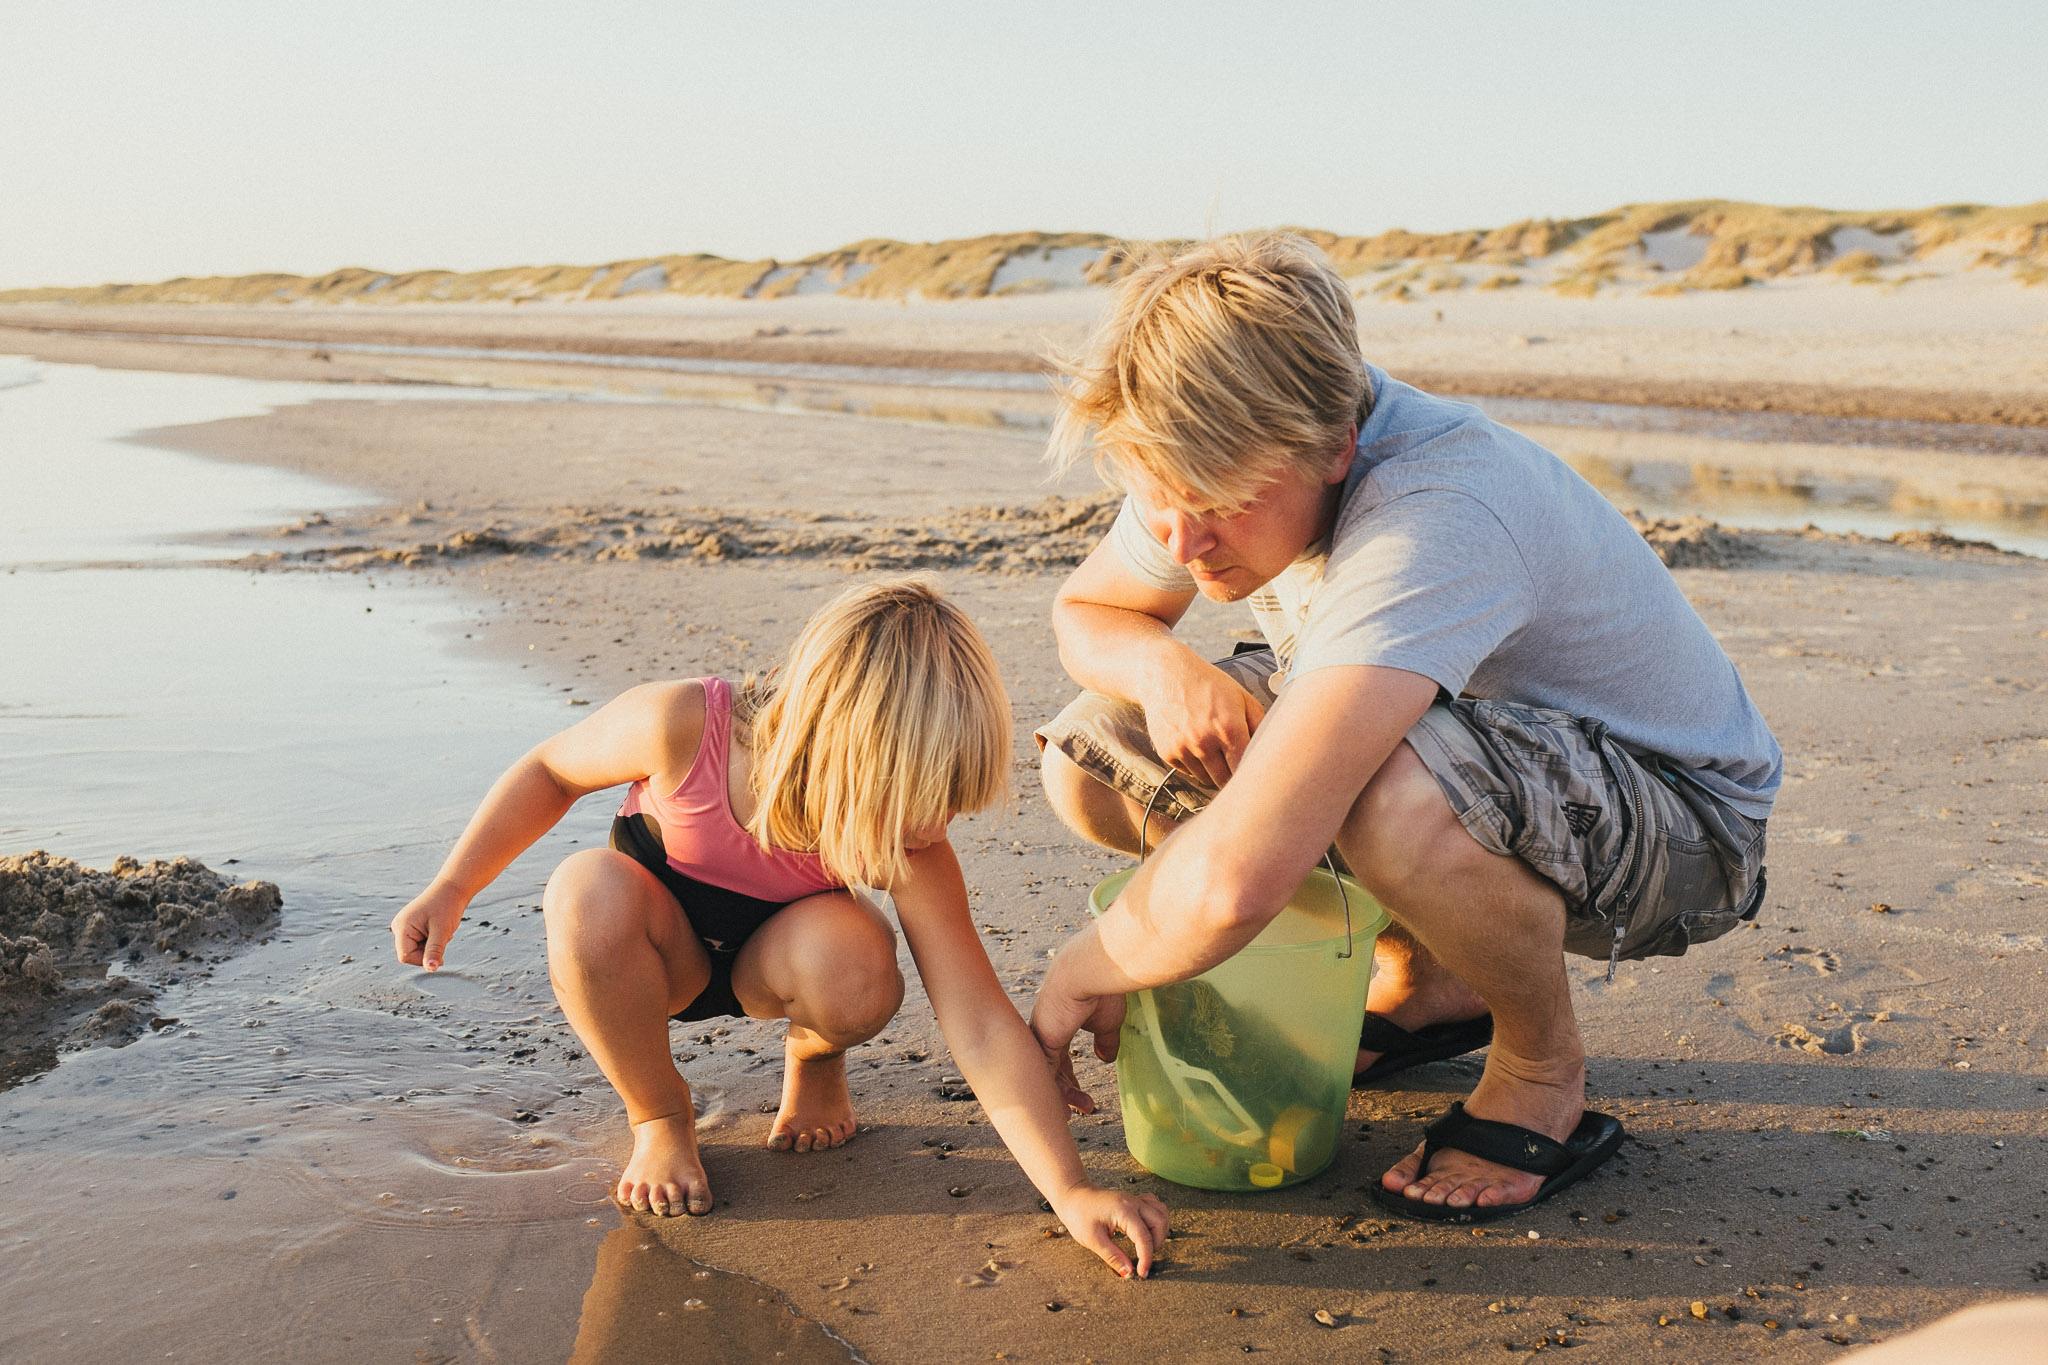 Nogle nyder de store vidder og horisonten på stranden - andre går med snuden ned mod sandet for at finde sneglehuse, muslinger og fine småsten.